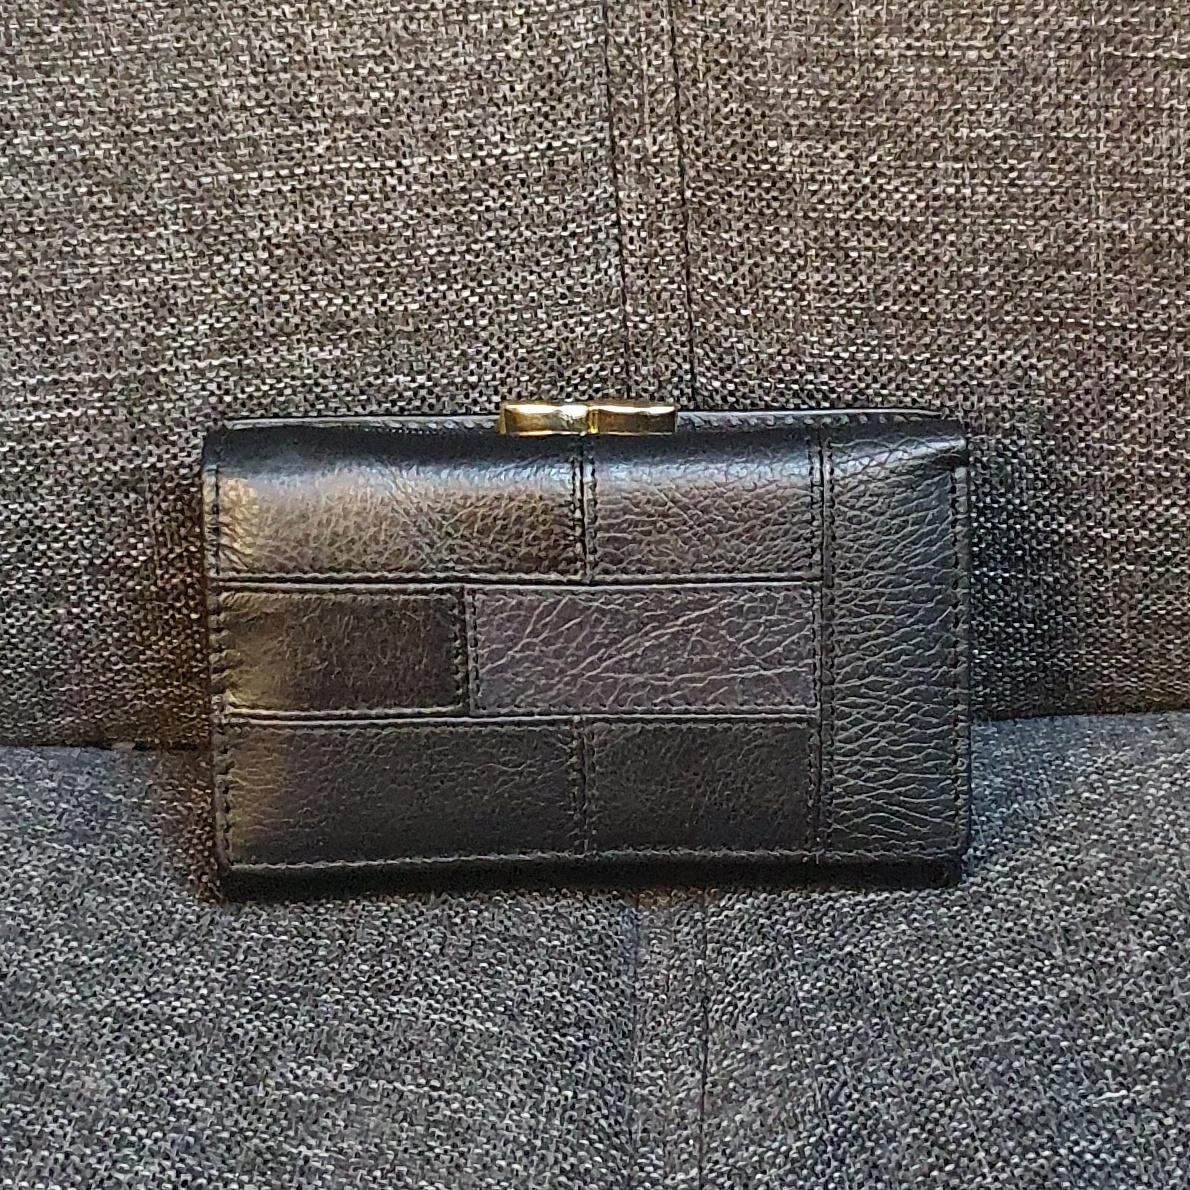 Строгий женский кошелёк «Dr.Bond» тройного сложения из чёрной кожи купить. Цена 575 грн